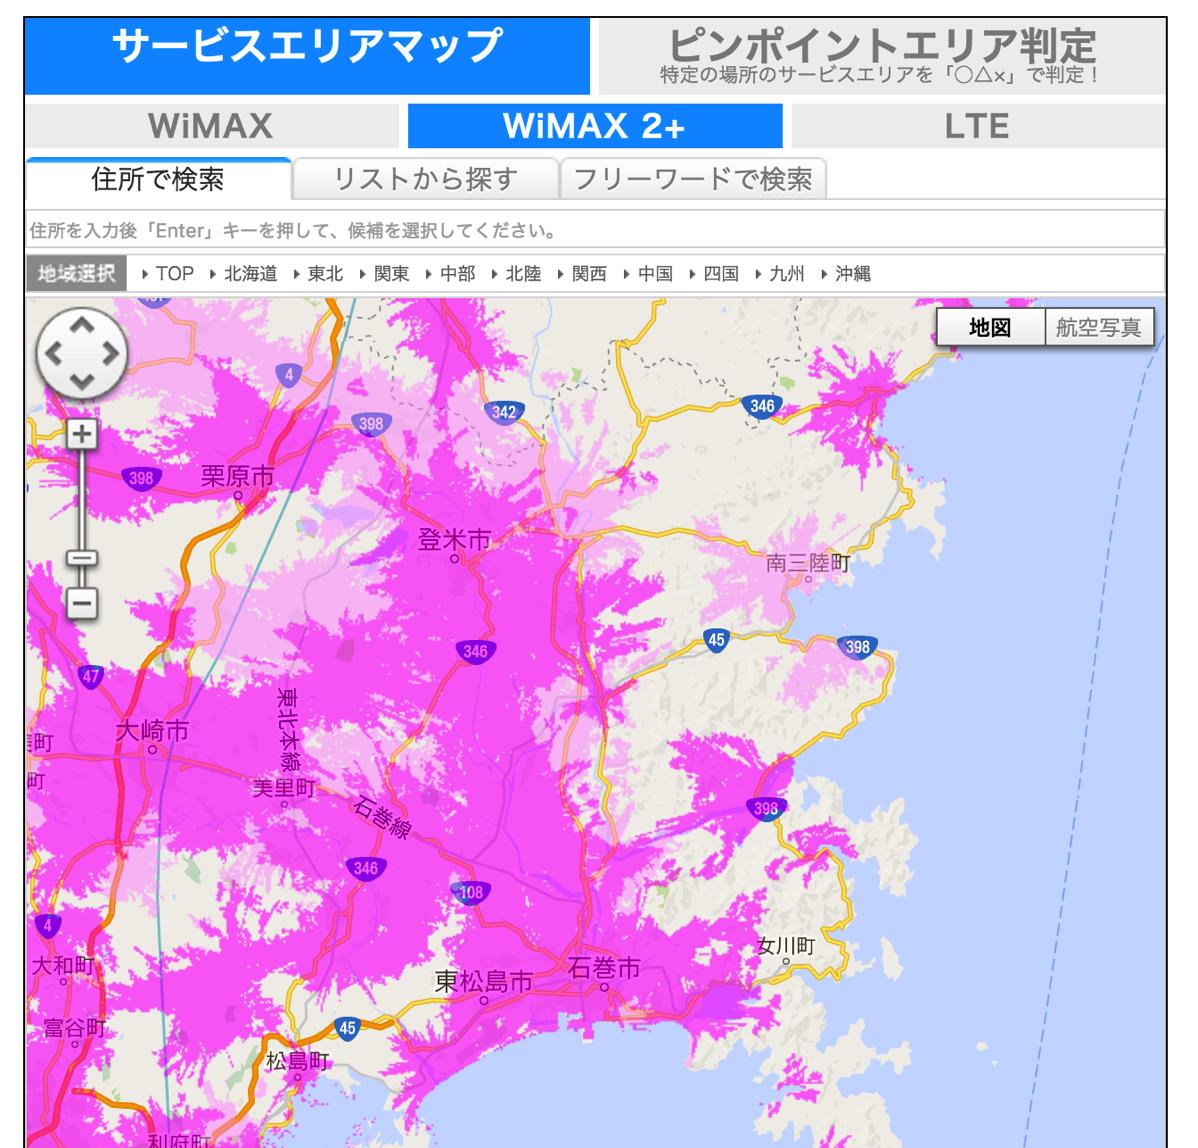 東北地方のWiMAX 2+エリアマップ